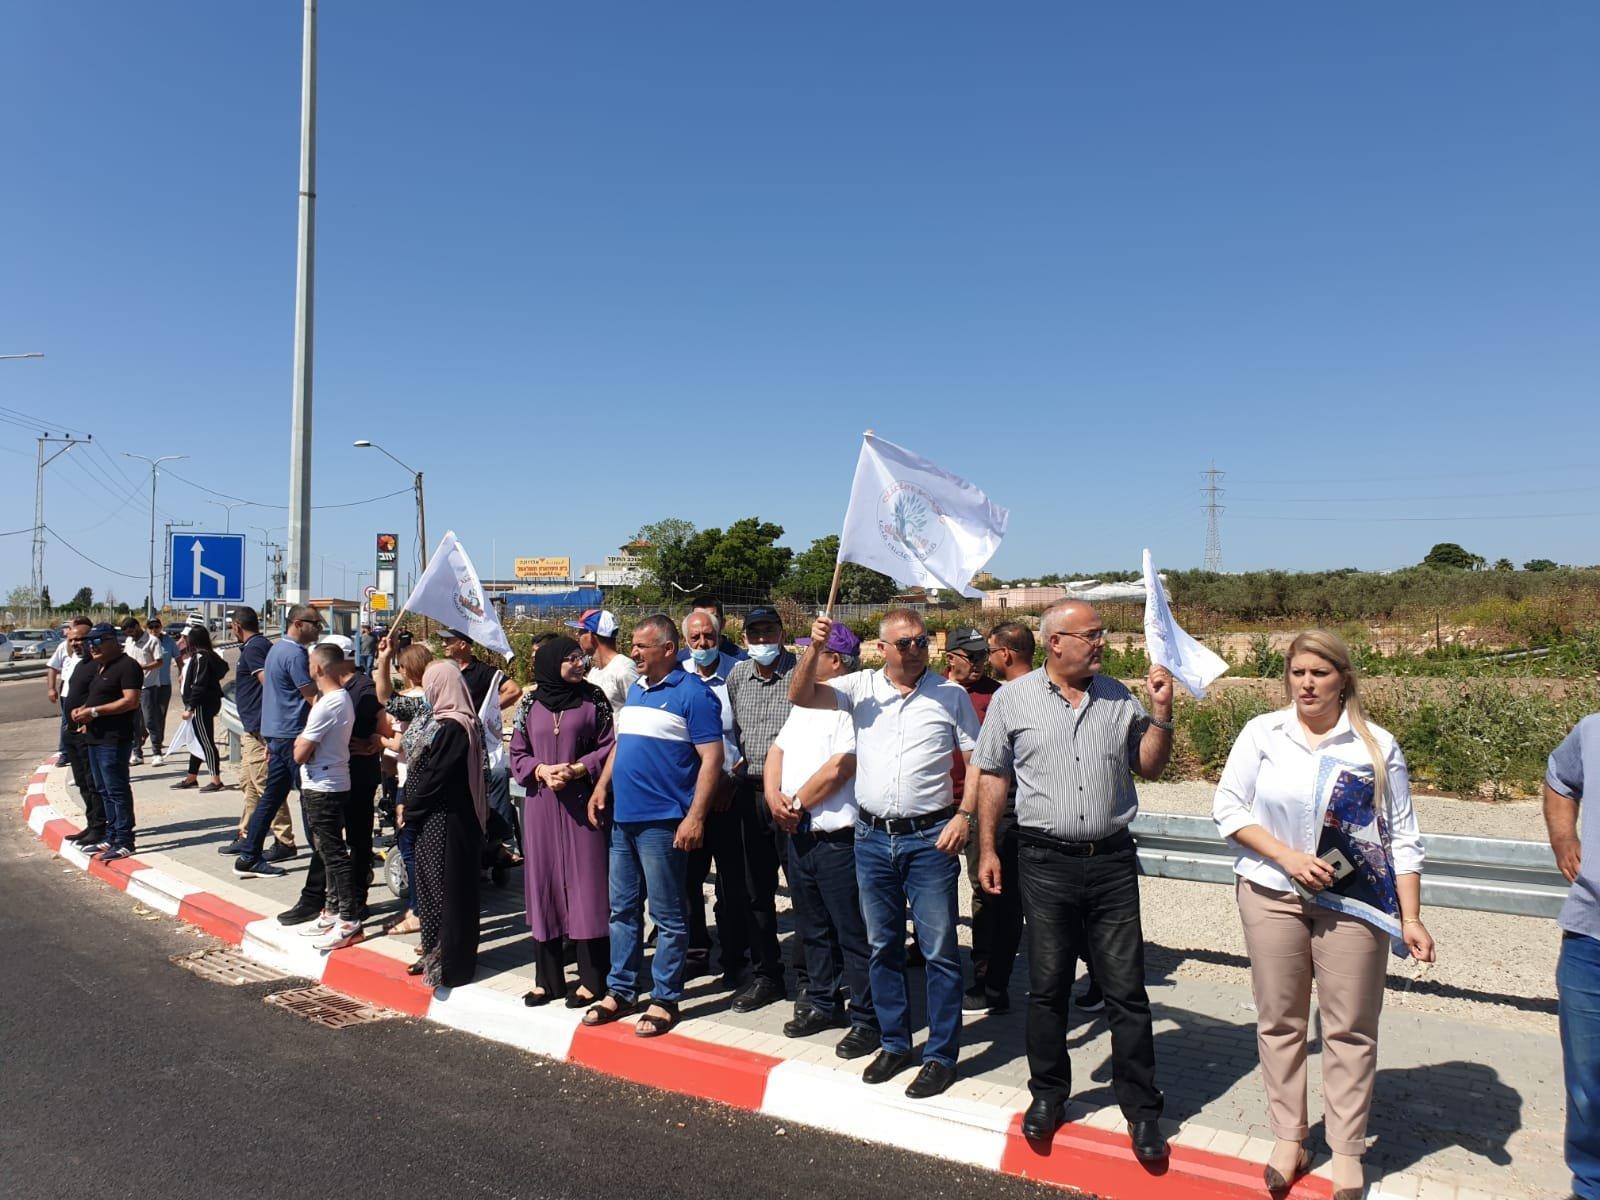 اعتقالات في مظاهرة ضد مصادرة اراضي في الجديدة- المكر-3